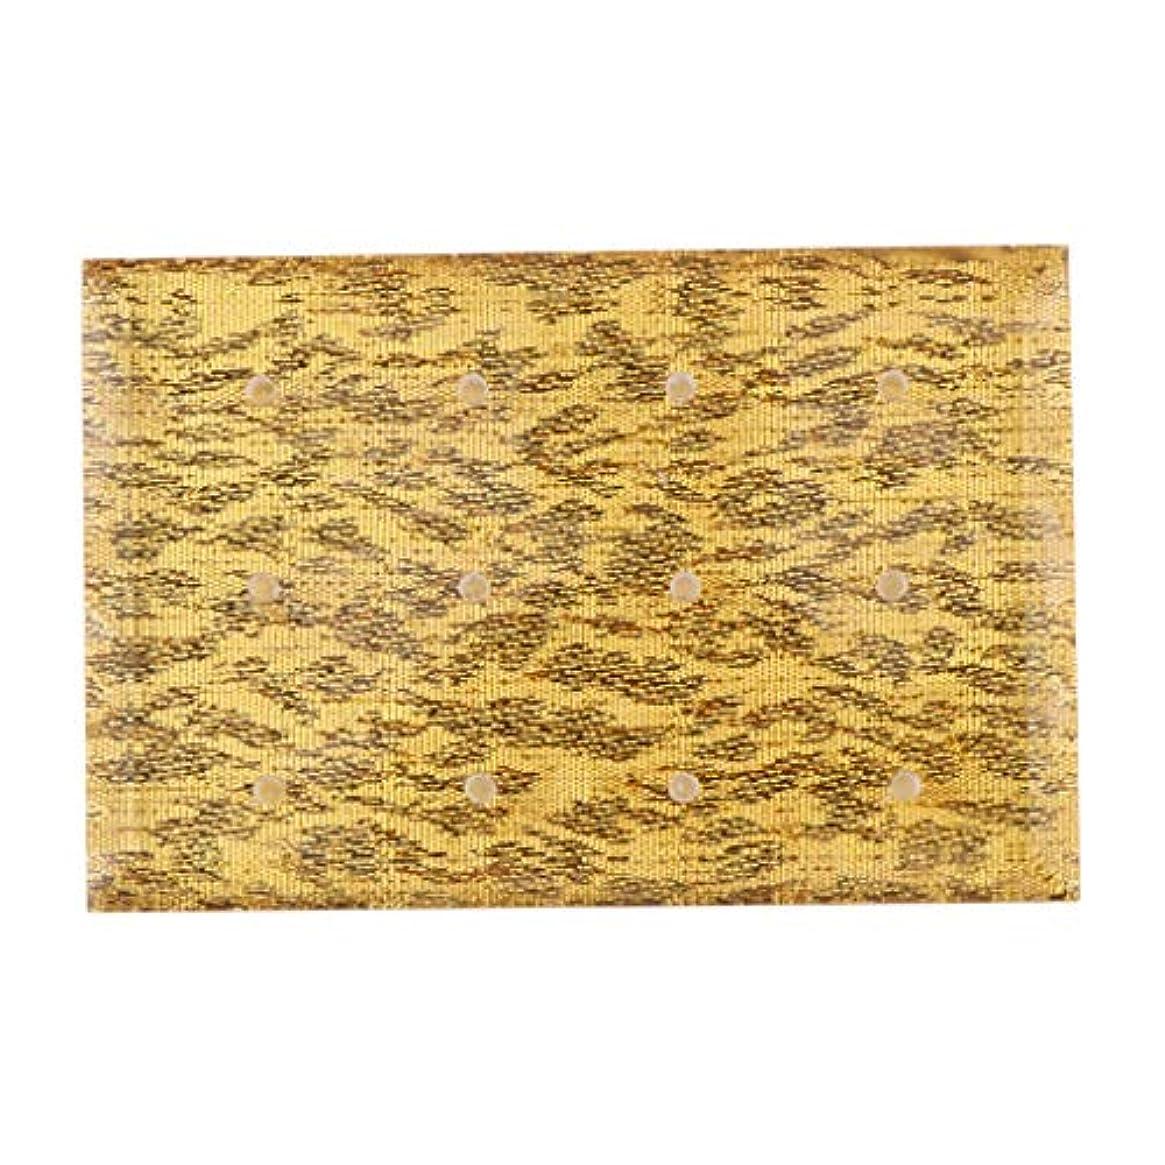 大工バンガロー小数Injoyo アクリル ネイルドリルビット 収納ケース ドリルビットホルダー 12穴 サロン ネイルメイクツール 全2色 - ゴールド